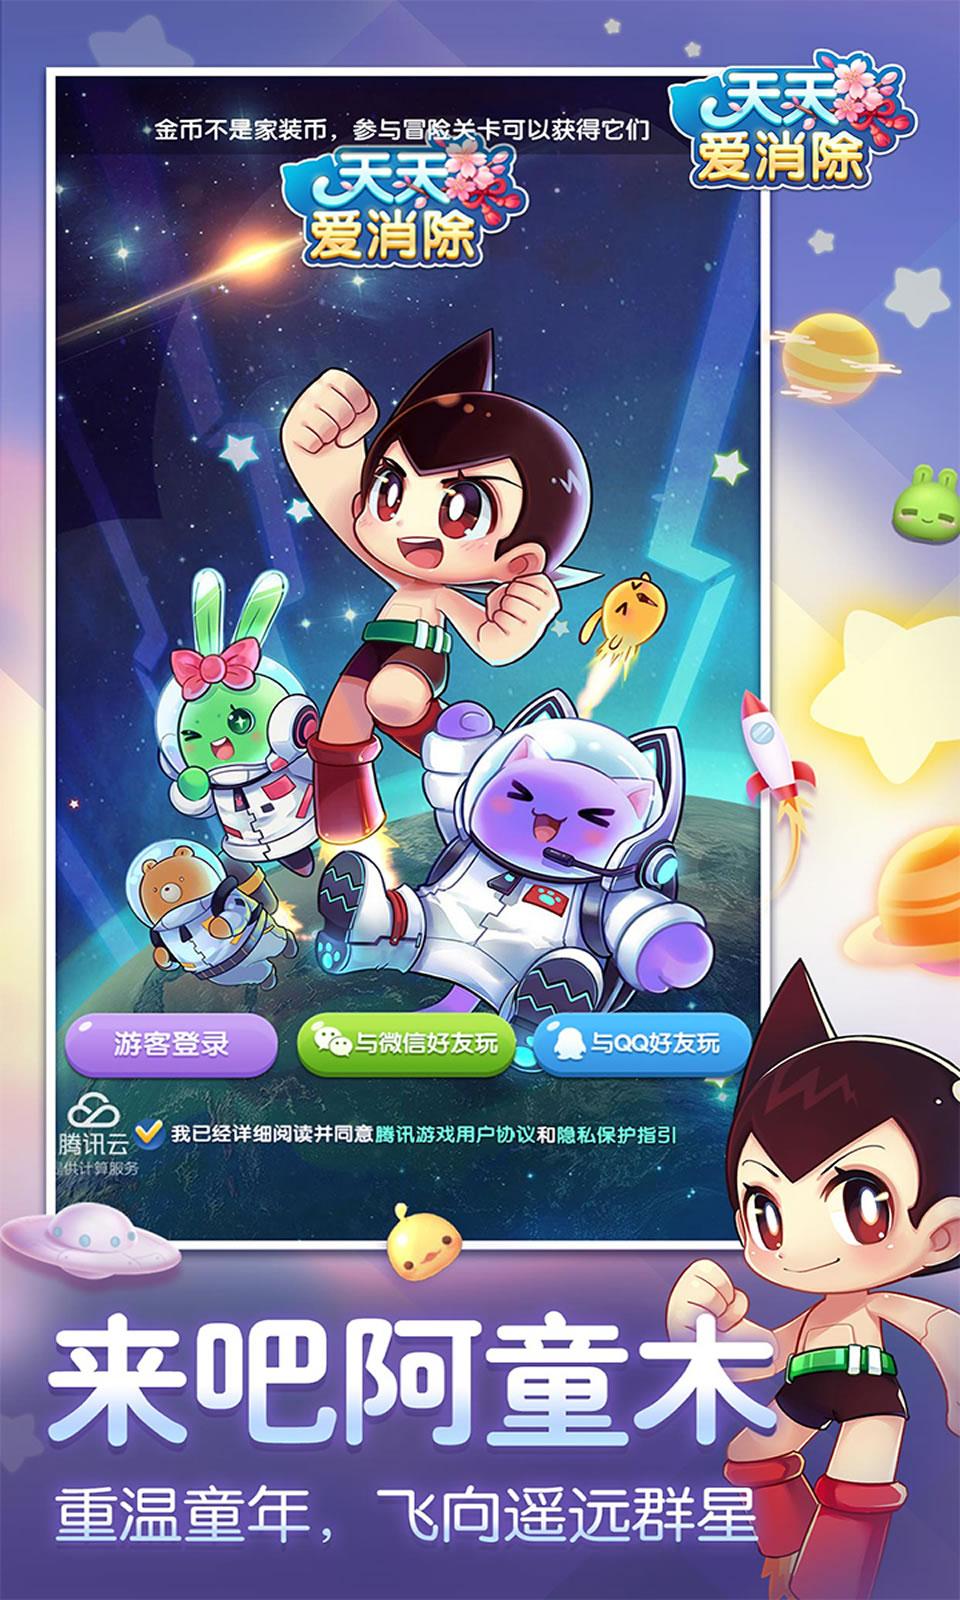 天天爱消除游戏下载最新版游戏截图